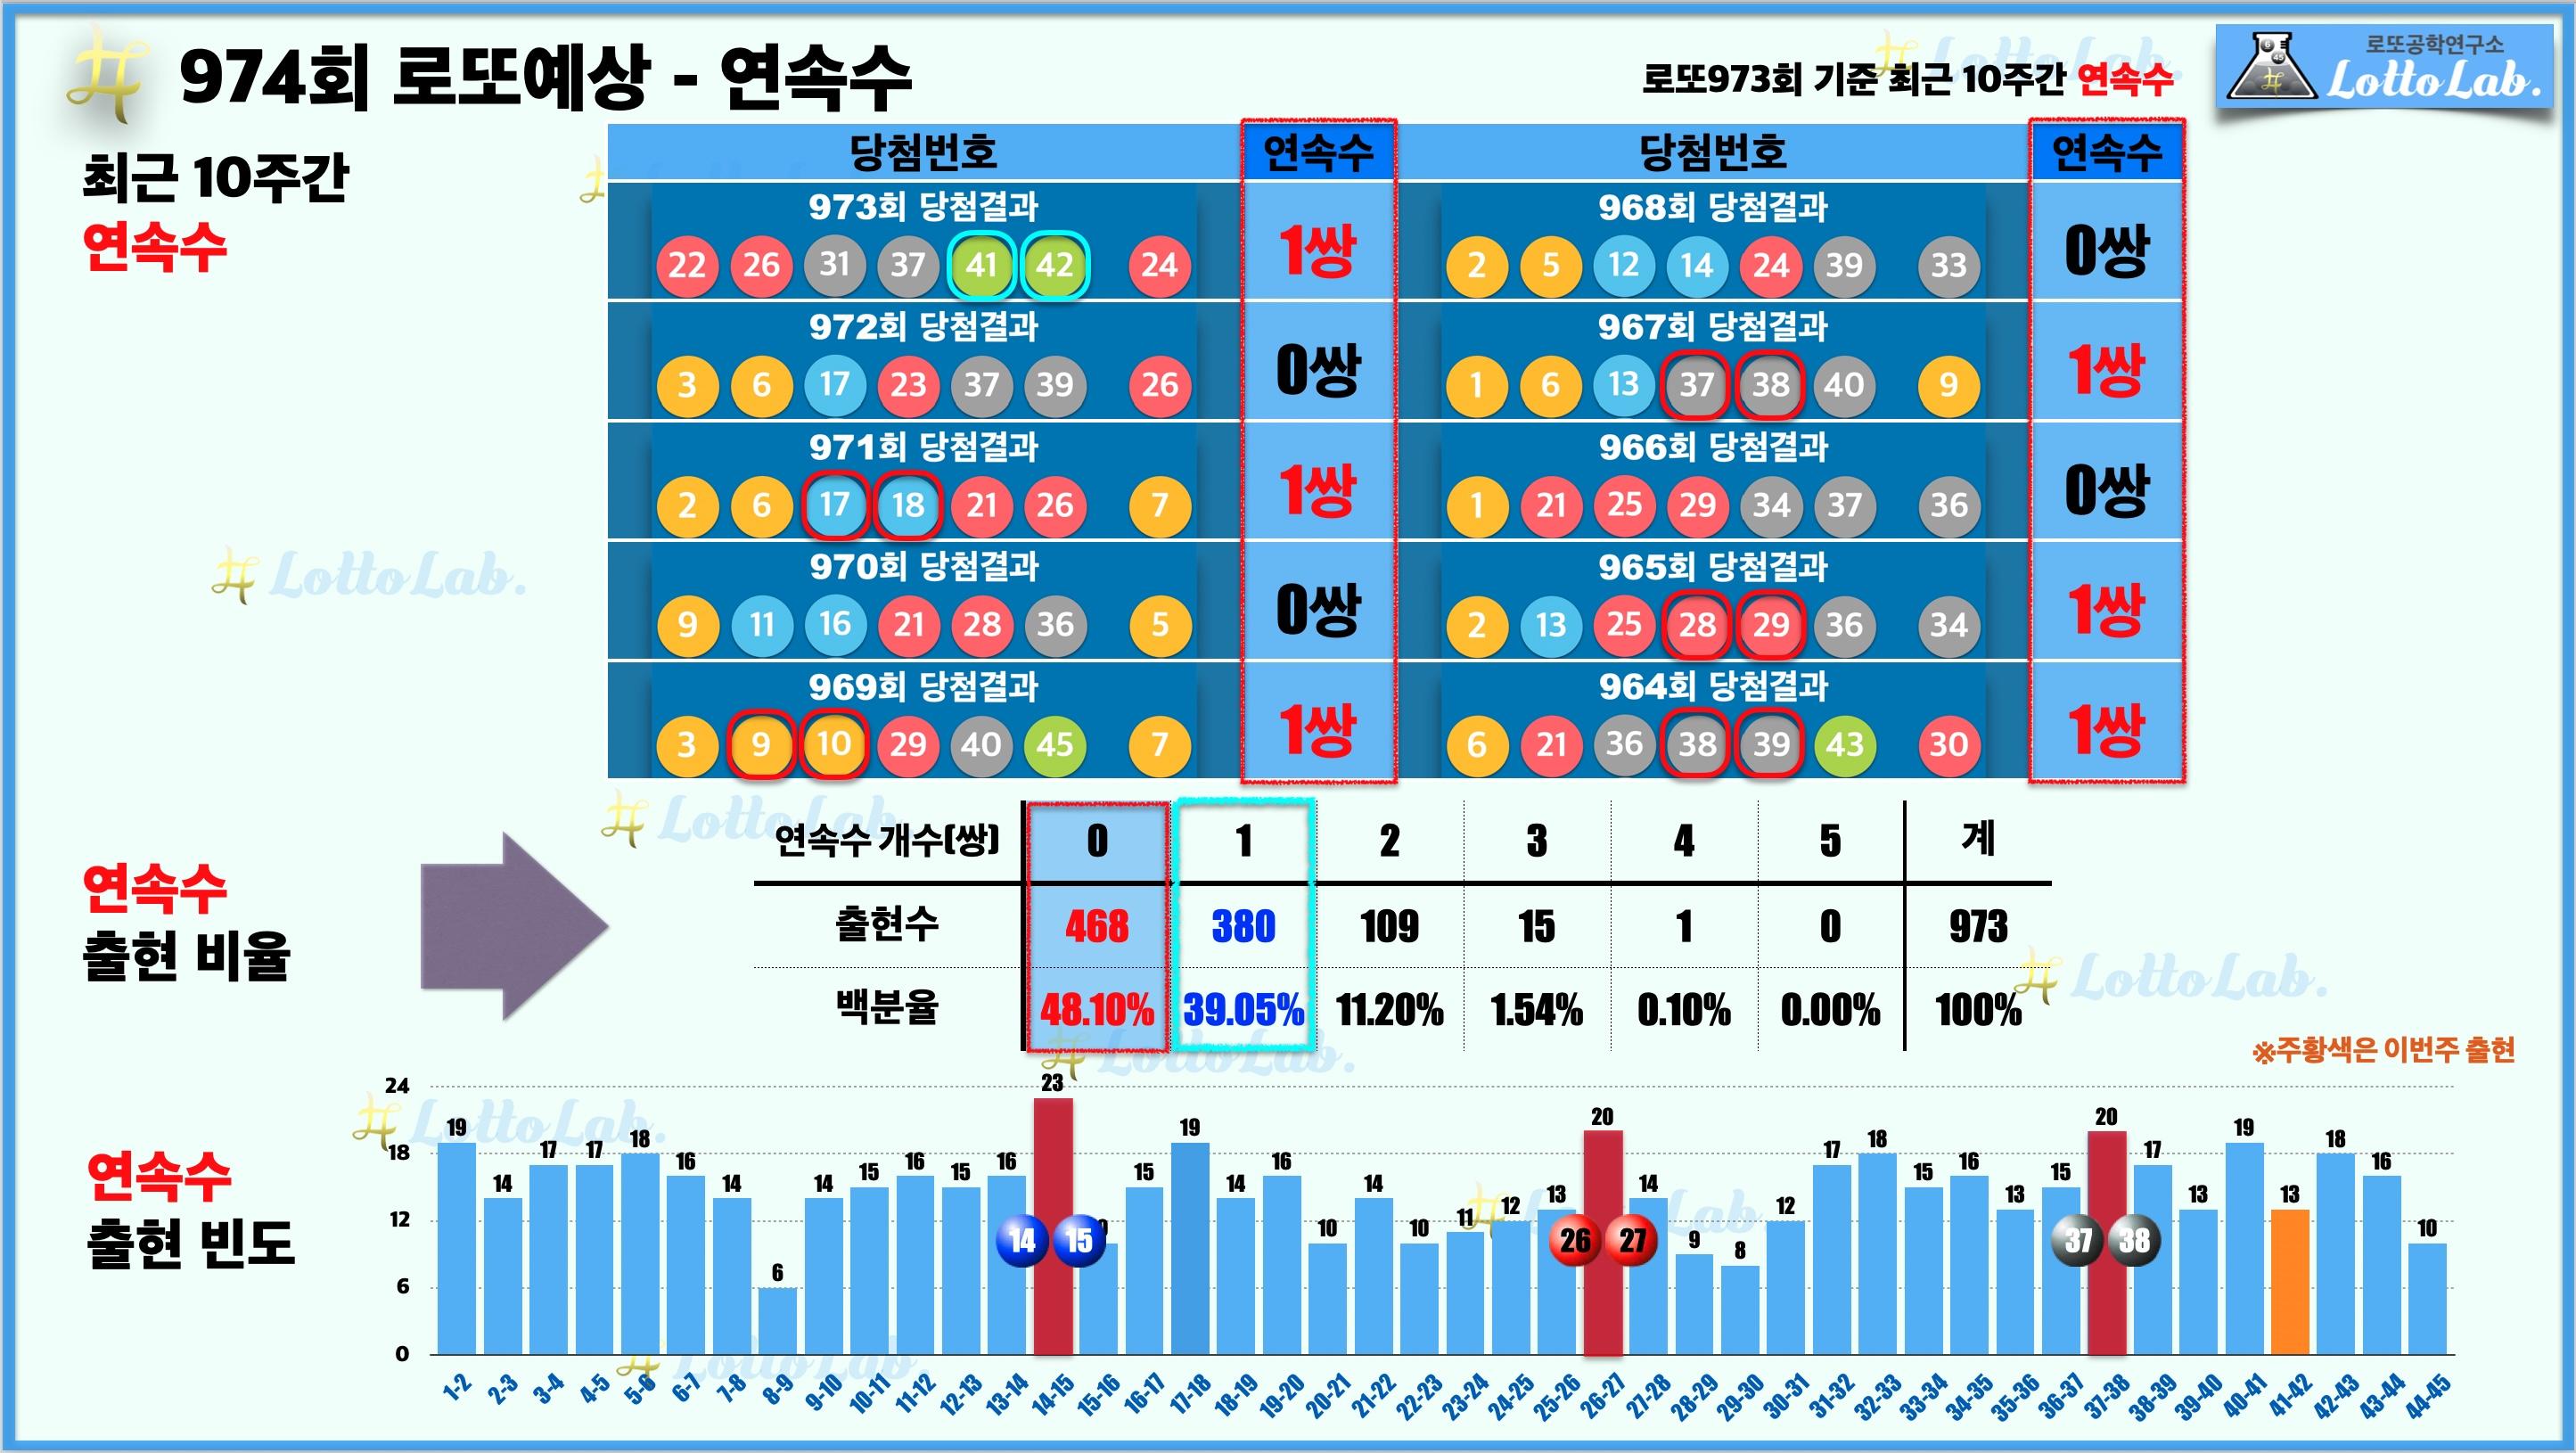 로또랩 로또974 당첨 번호 예상 - 연속수